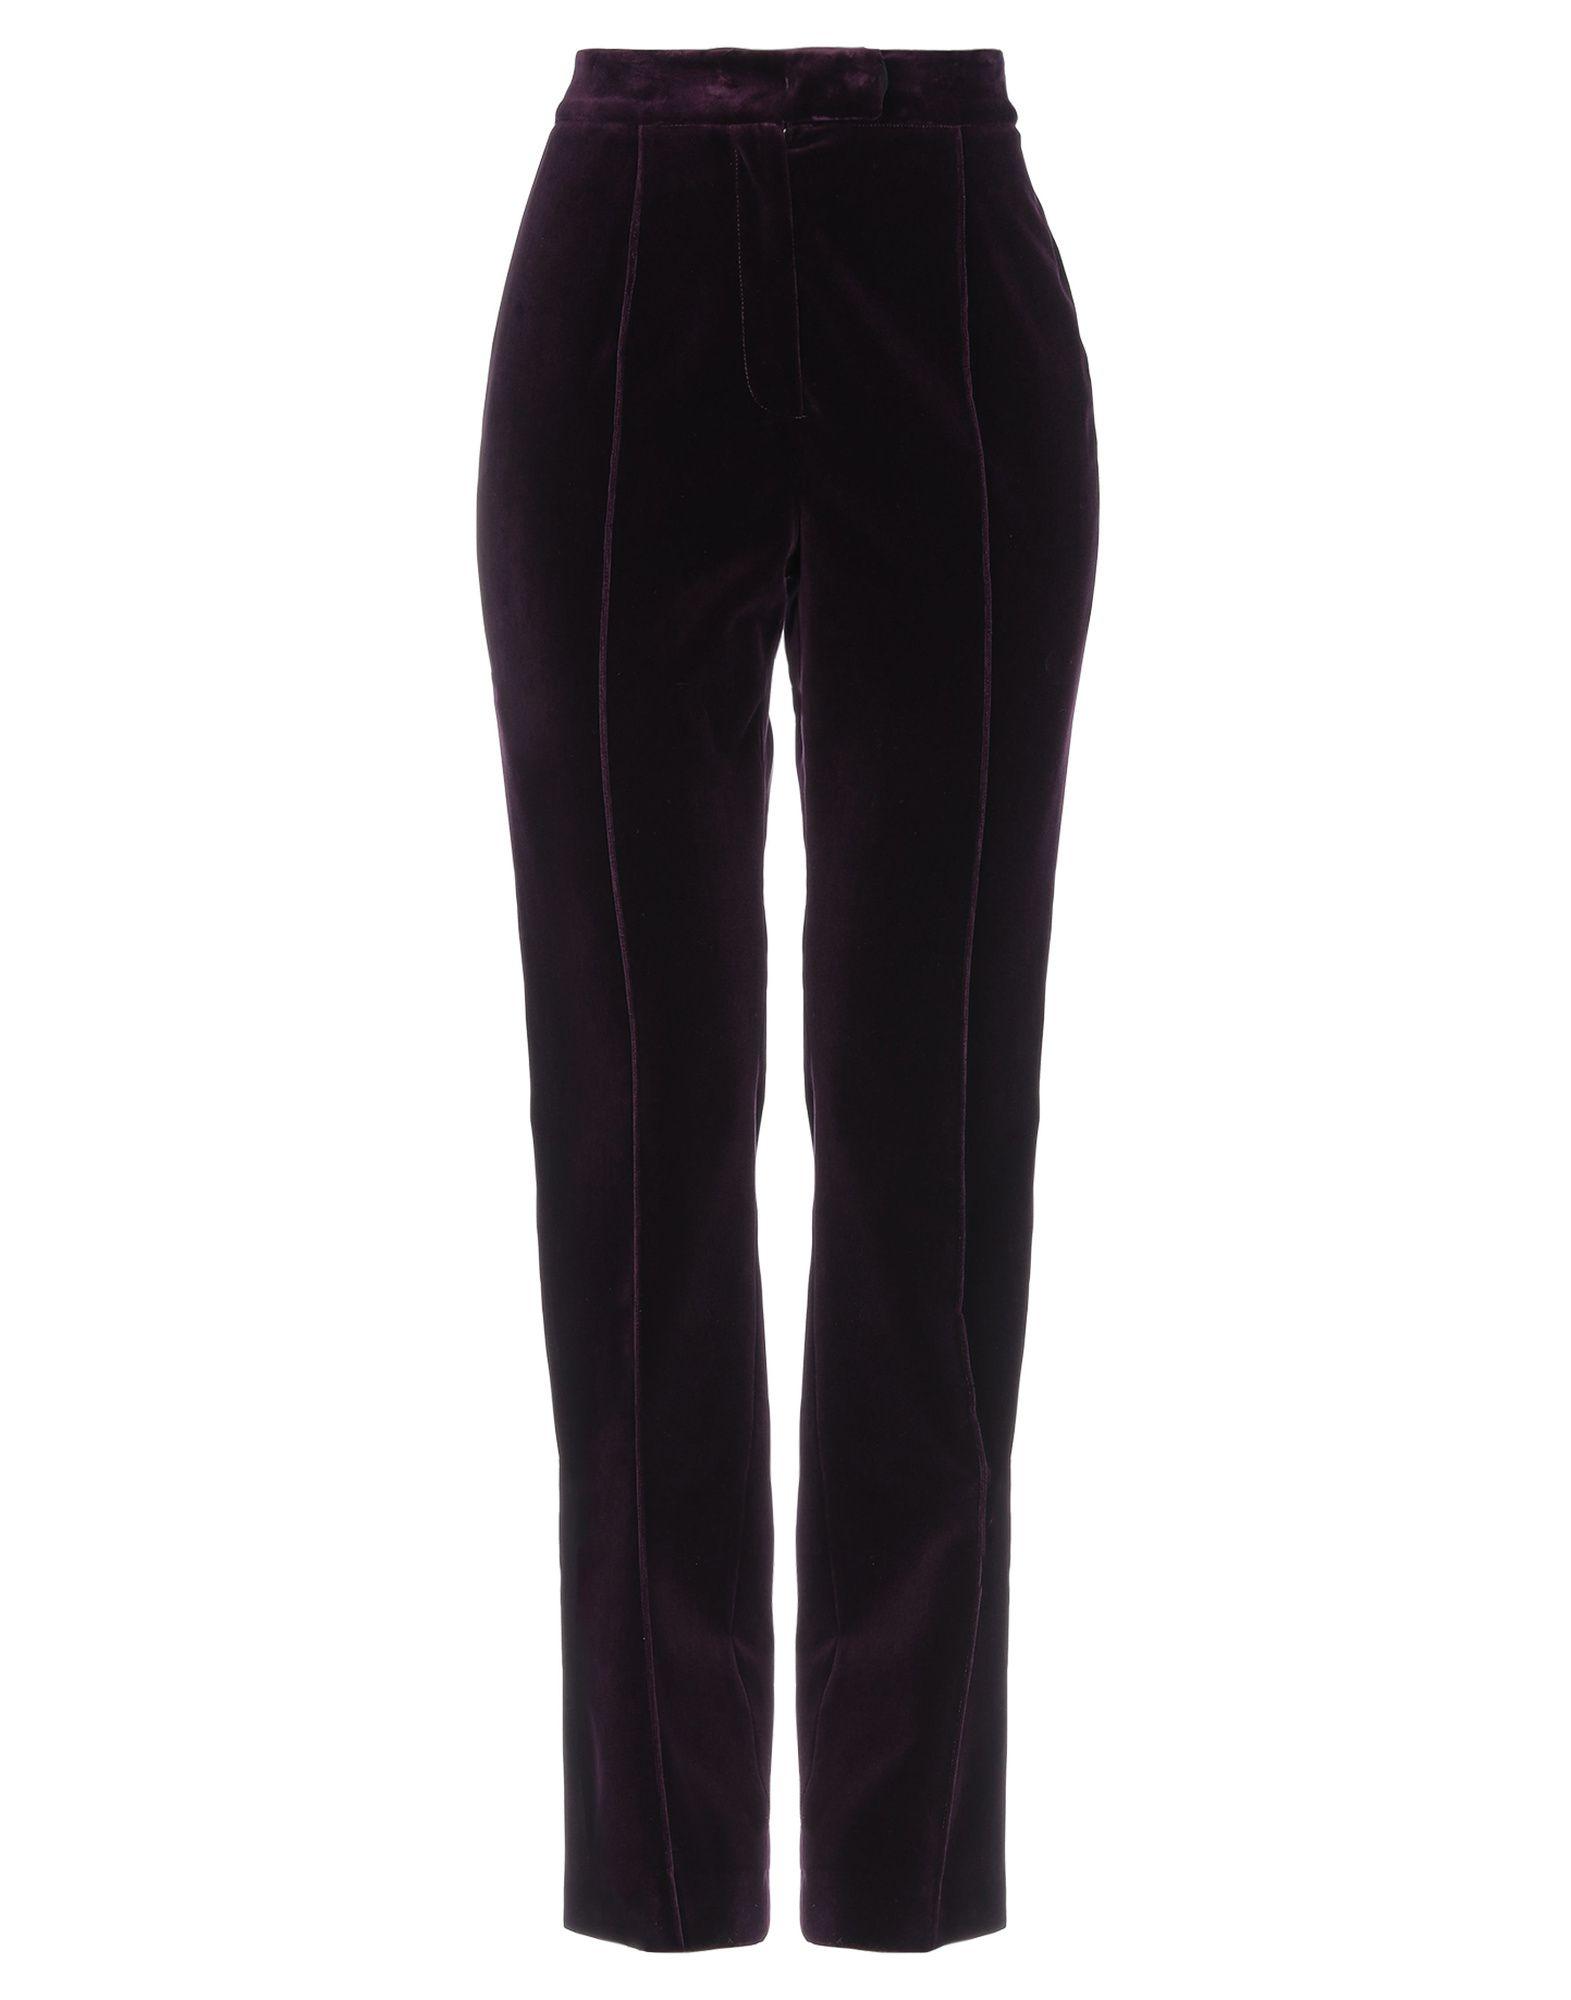 цены на MARY KATRANTZOU Повседневные брюки в интернет-магазинах